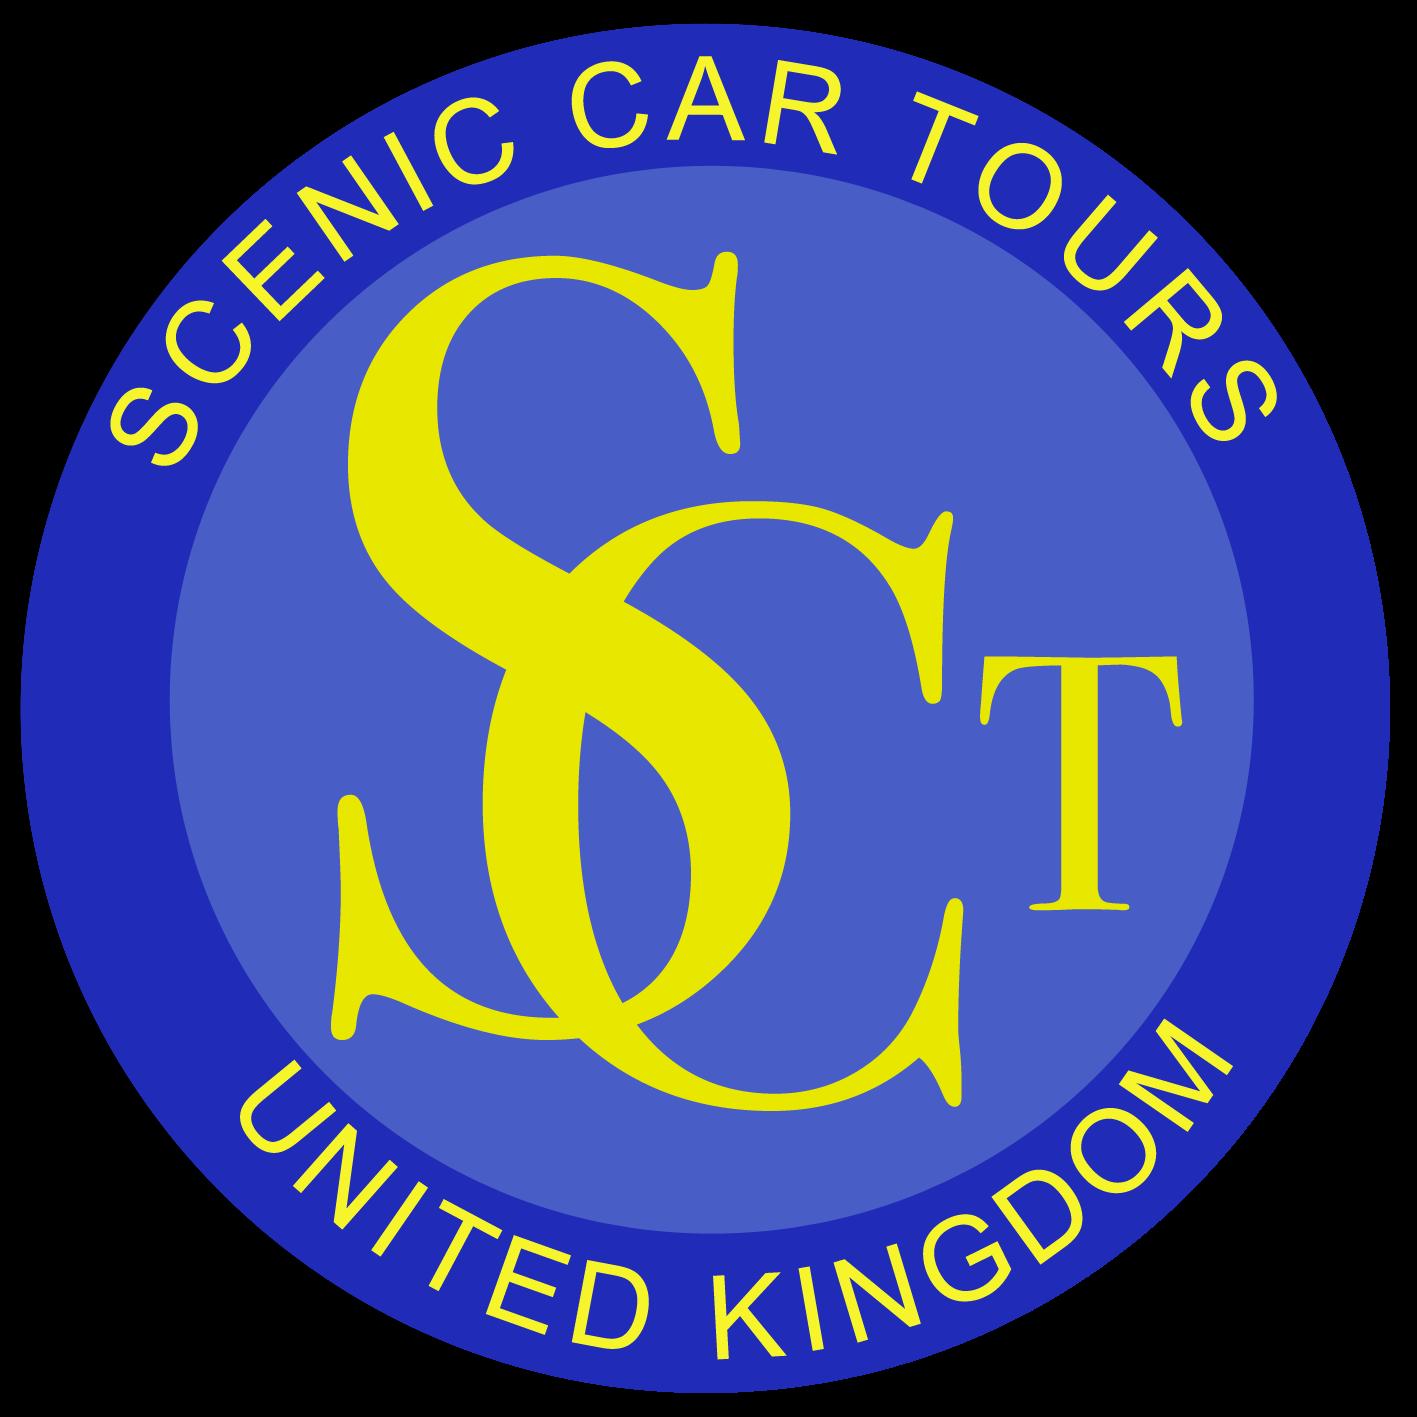 Scenic Car Tours UK